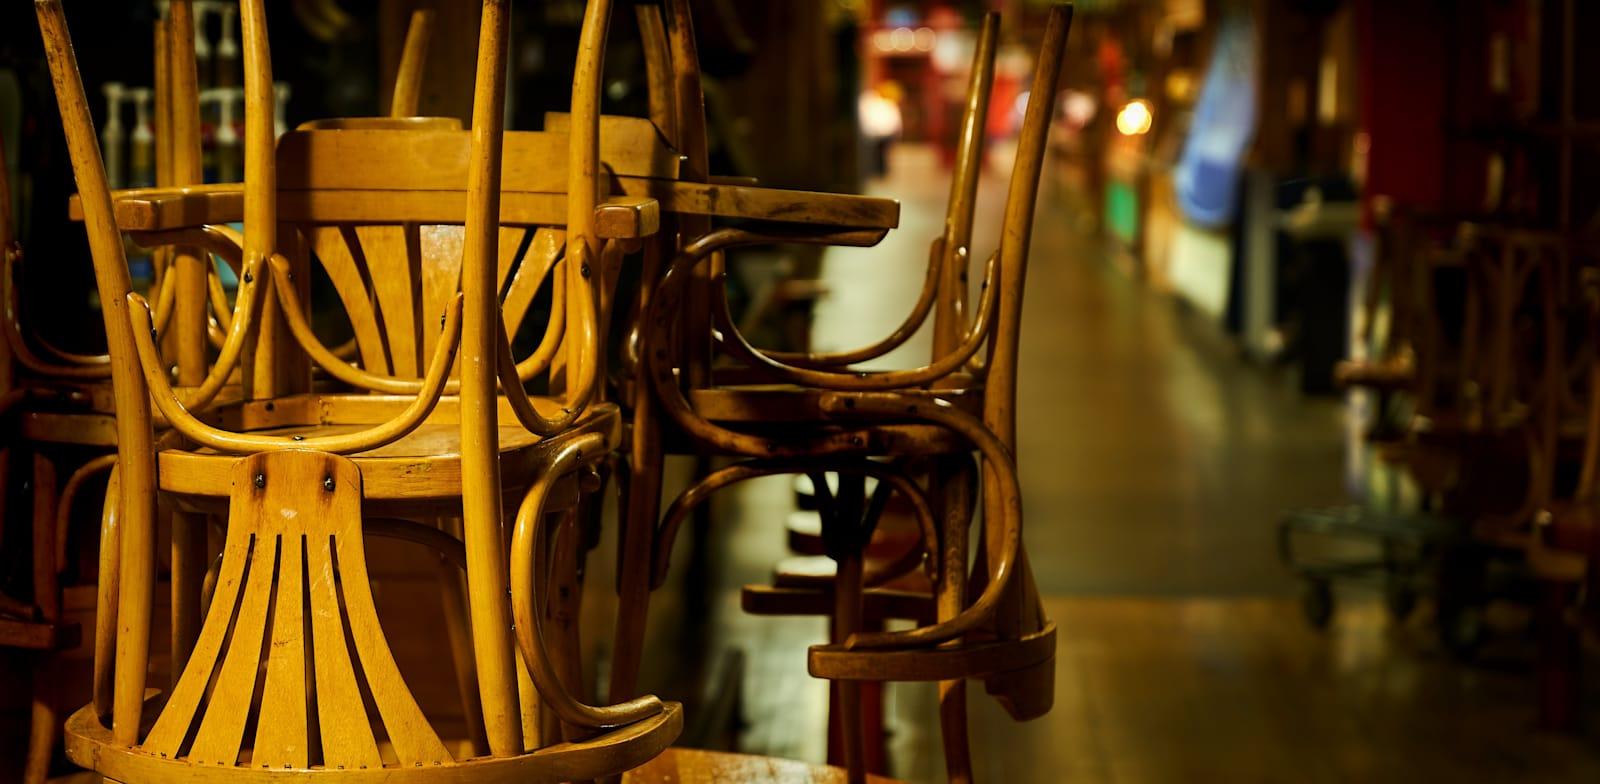 מסעדה סגורה / צילום אילוסטרציה: Shutterstock, Max Lindenthaler